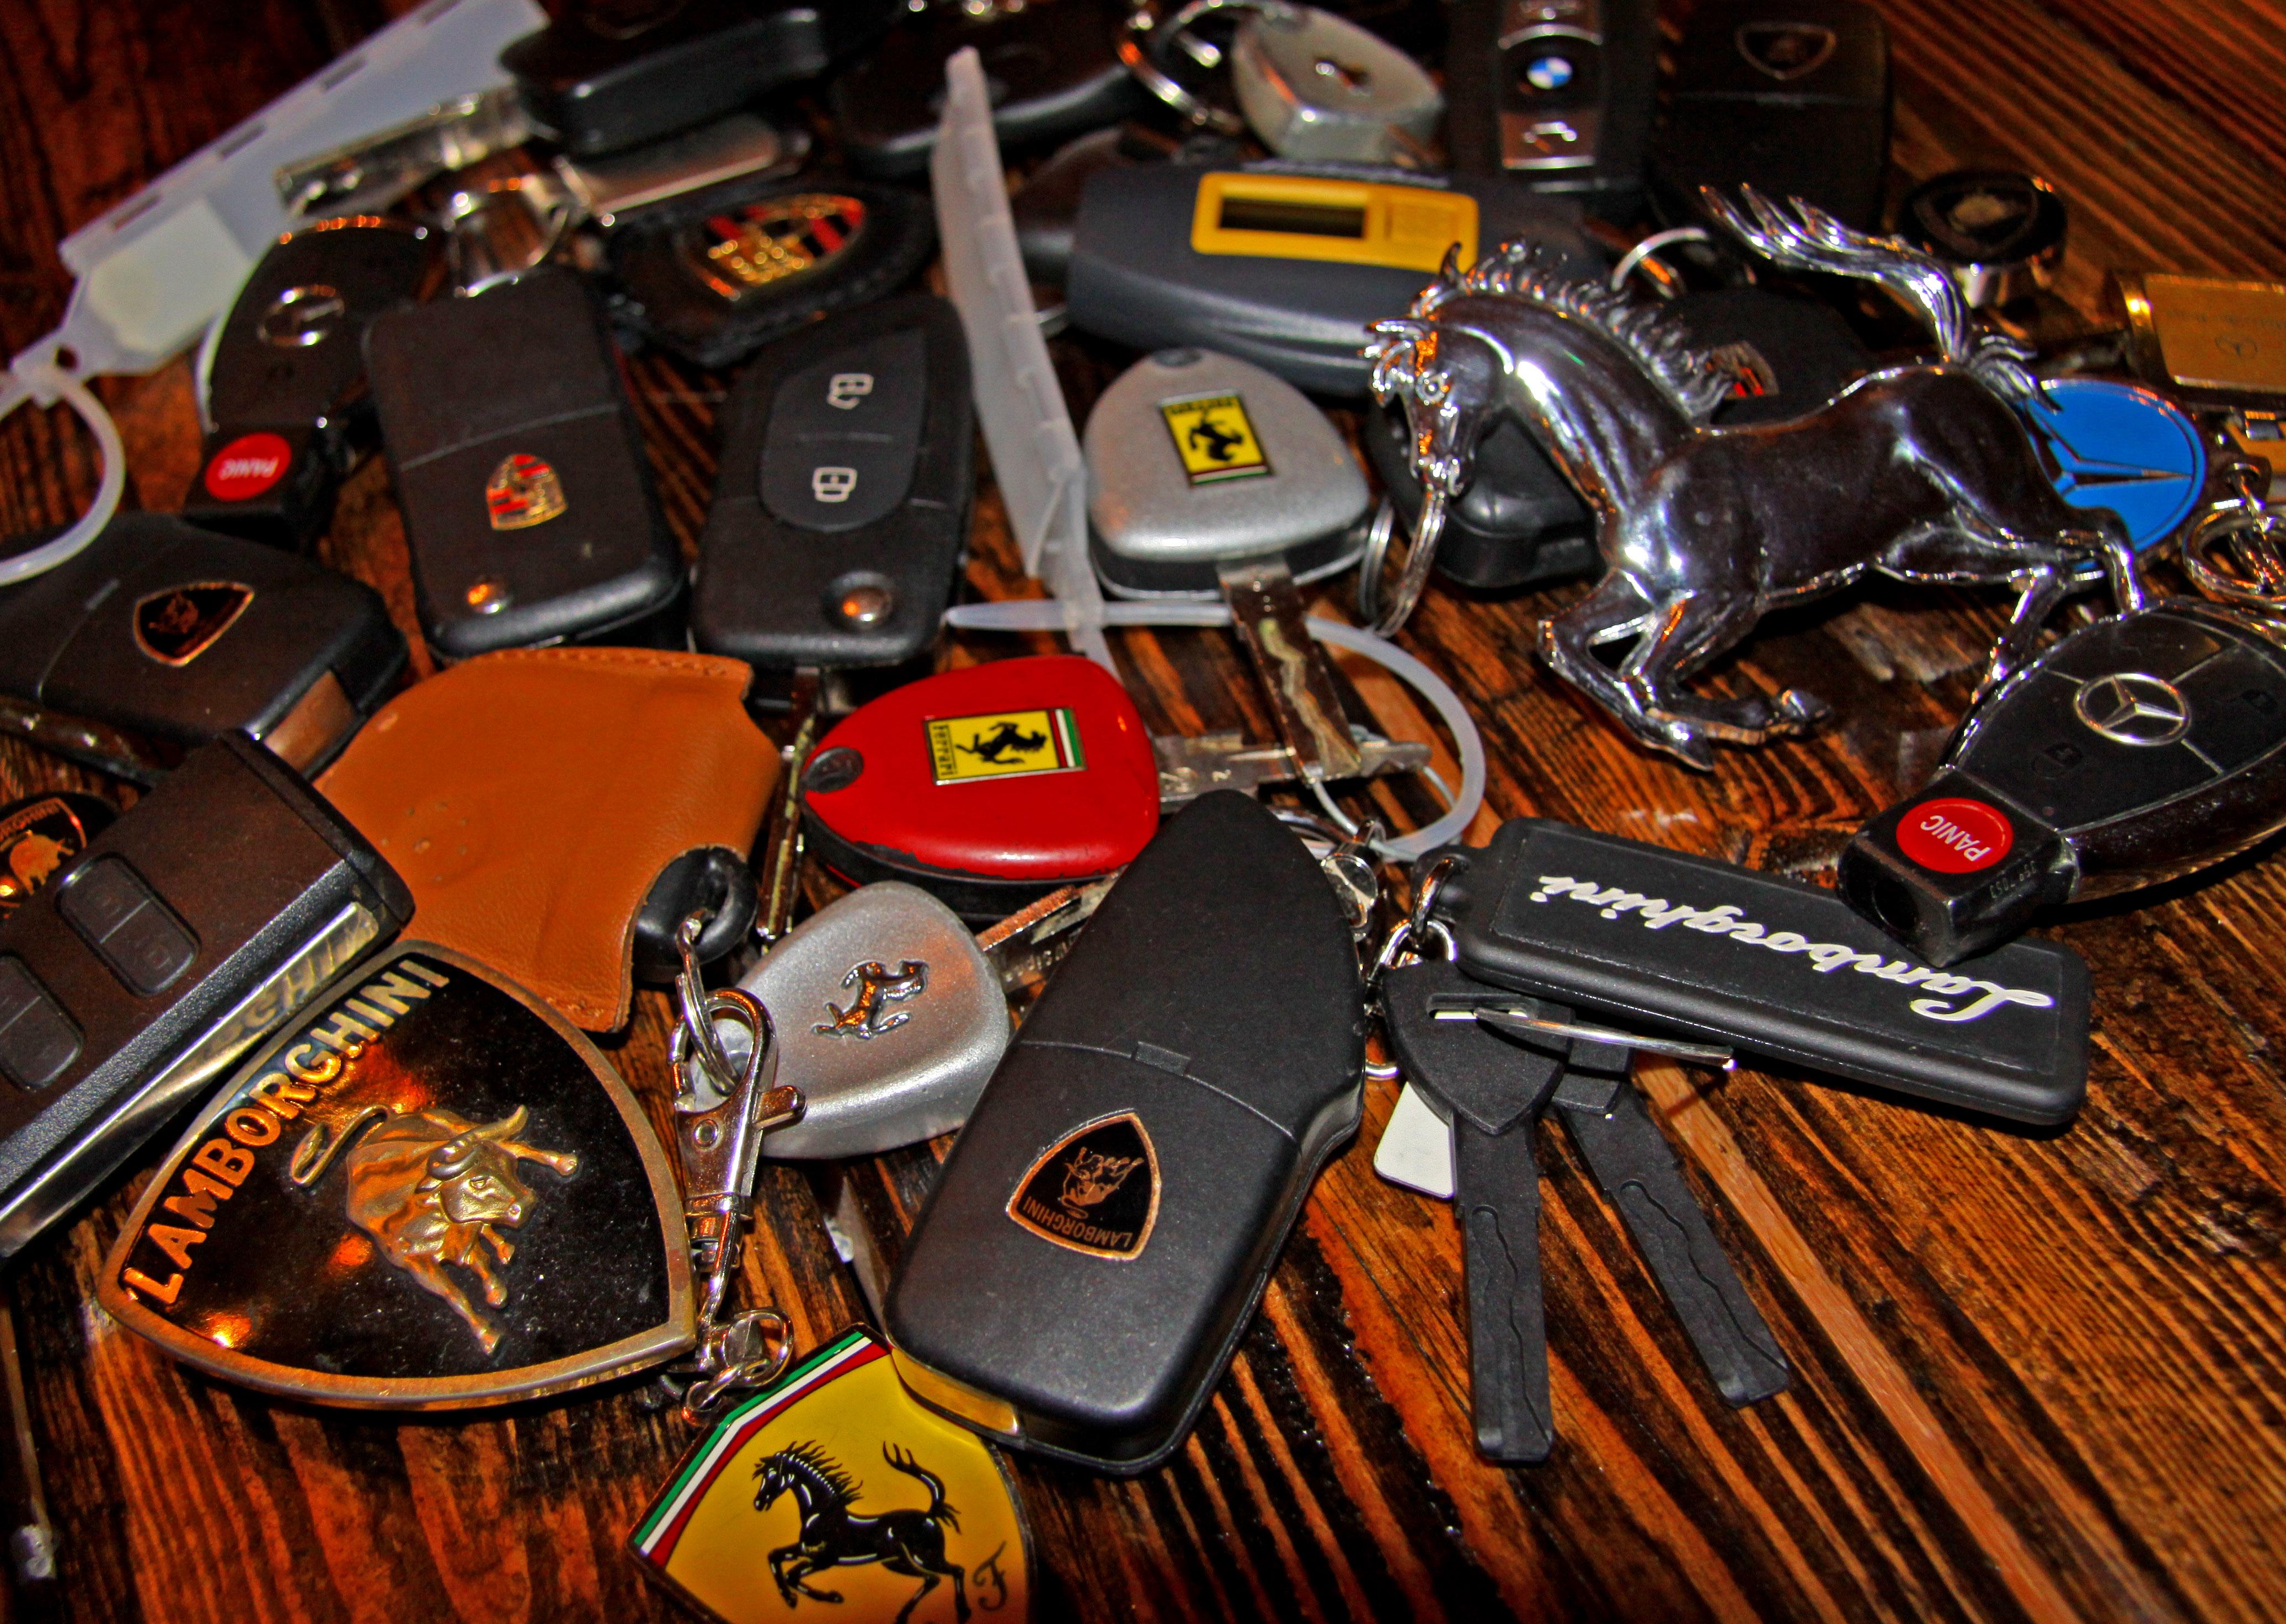 Ferrari Lamborghini Keys